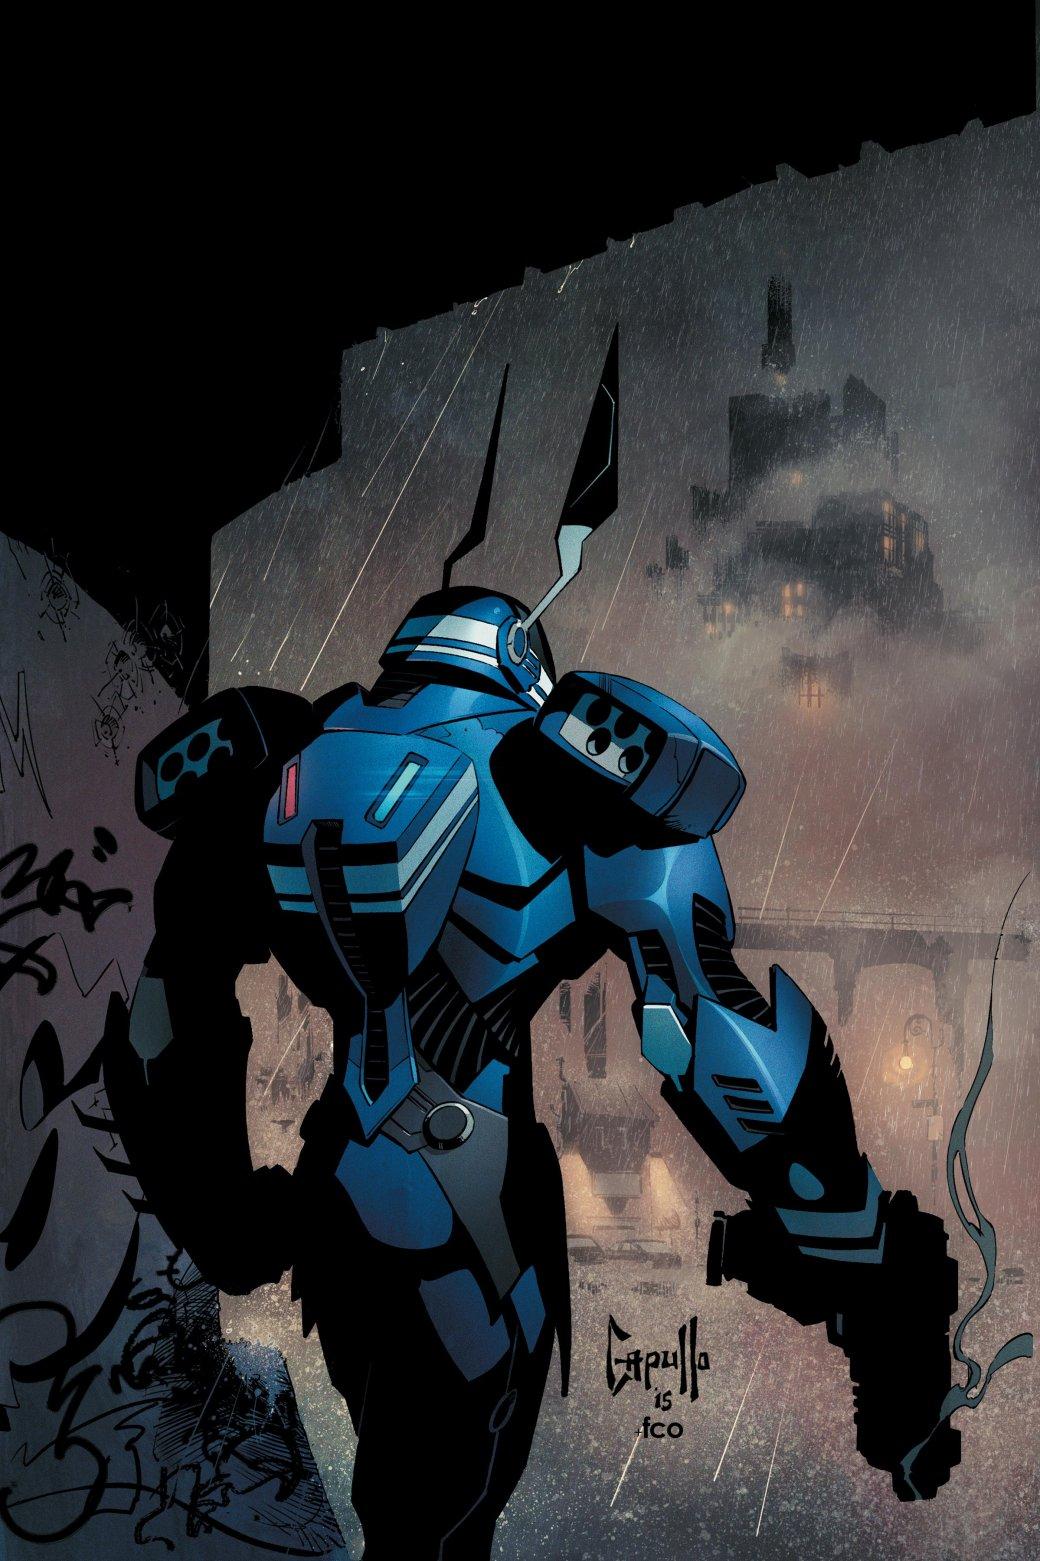 Комикс-вселенную DC в июне ожидают глобальные изменения - Изображение 15